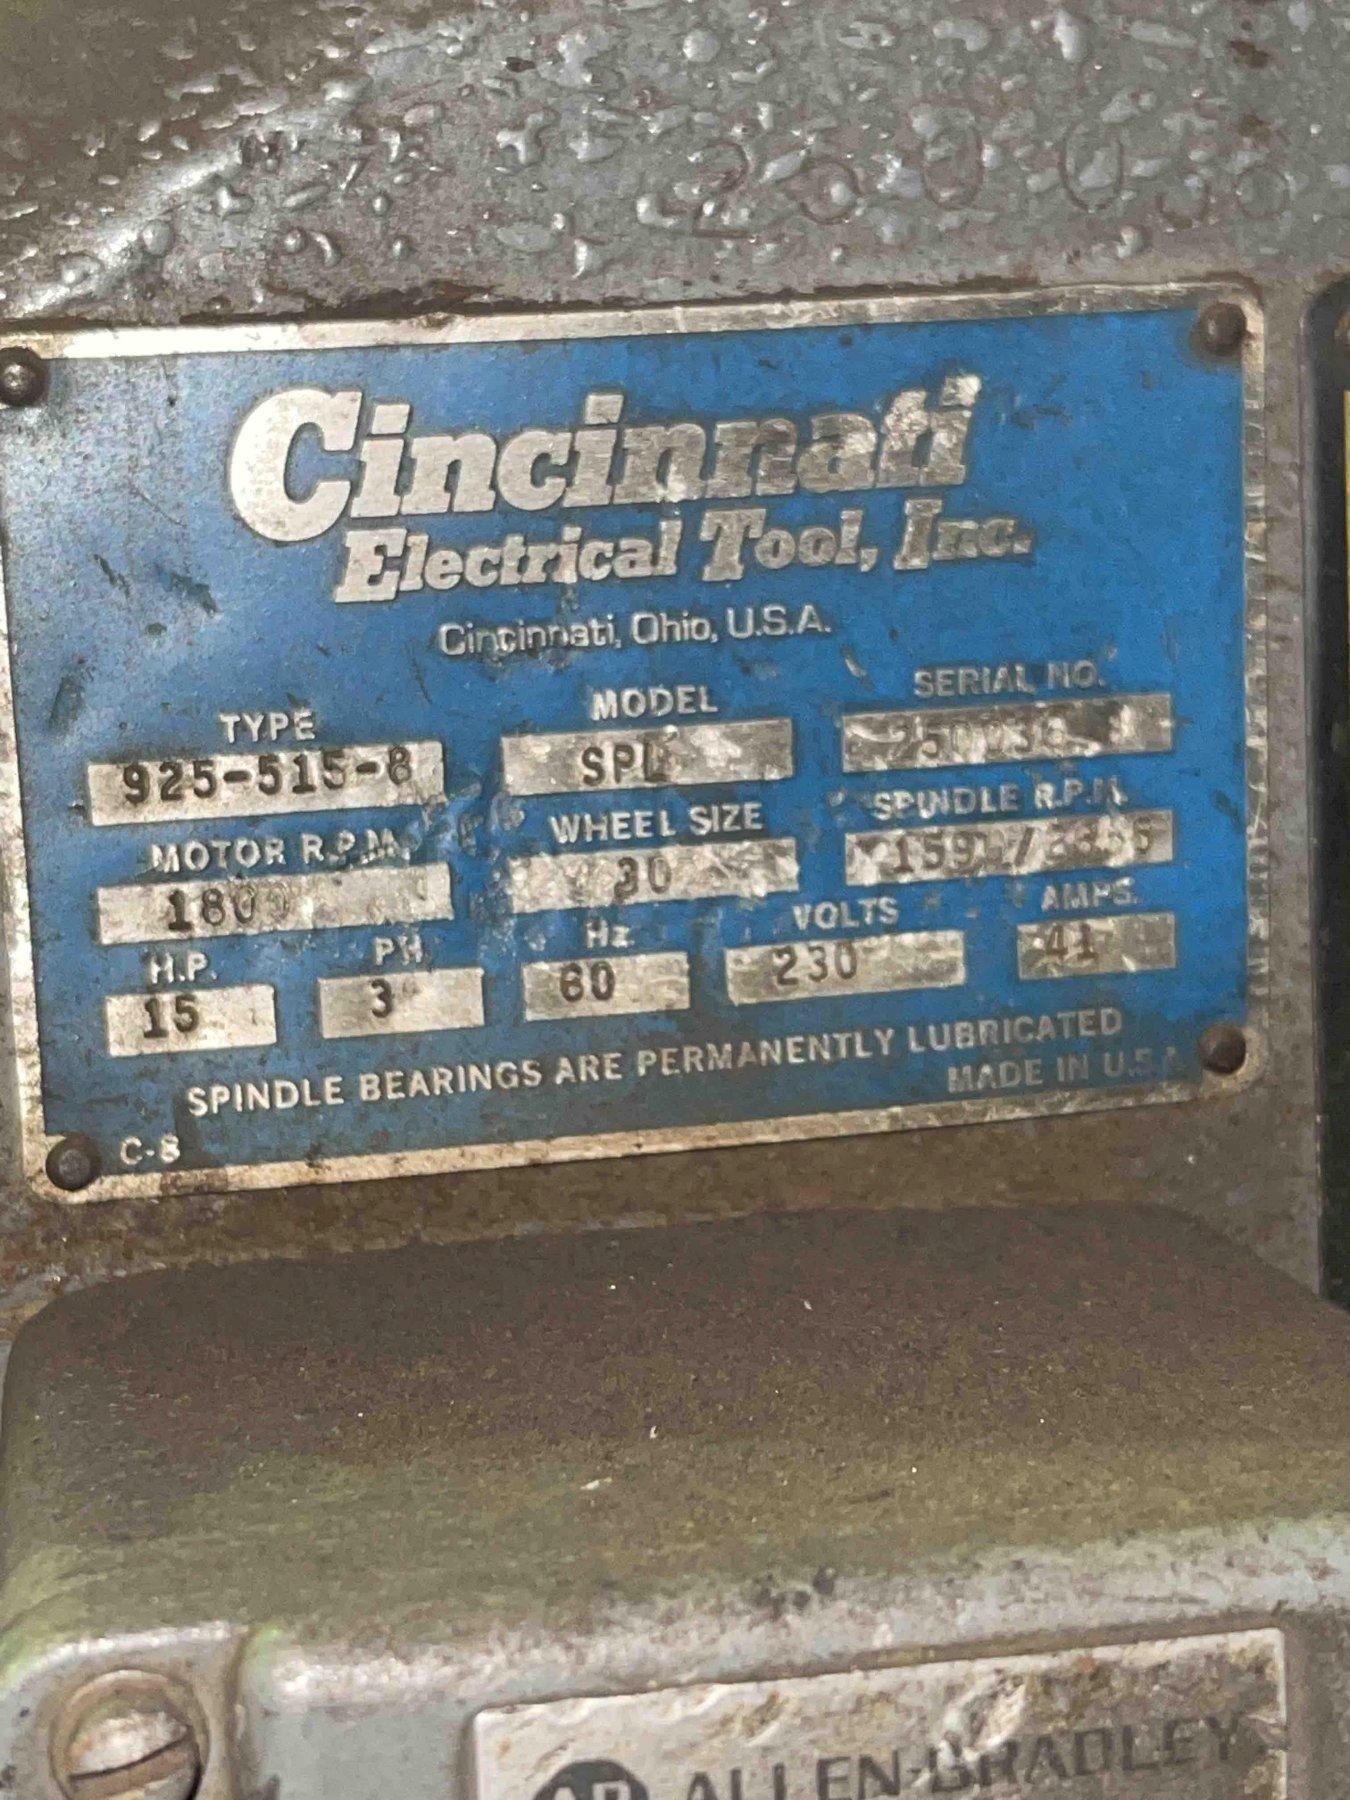 Cincinnati model 925-515-8 left hand single end snag grinder with safety guard, 15 hp, s/n 250036